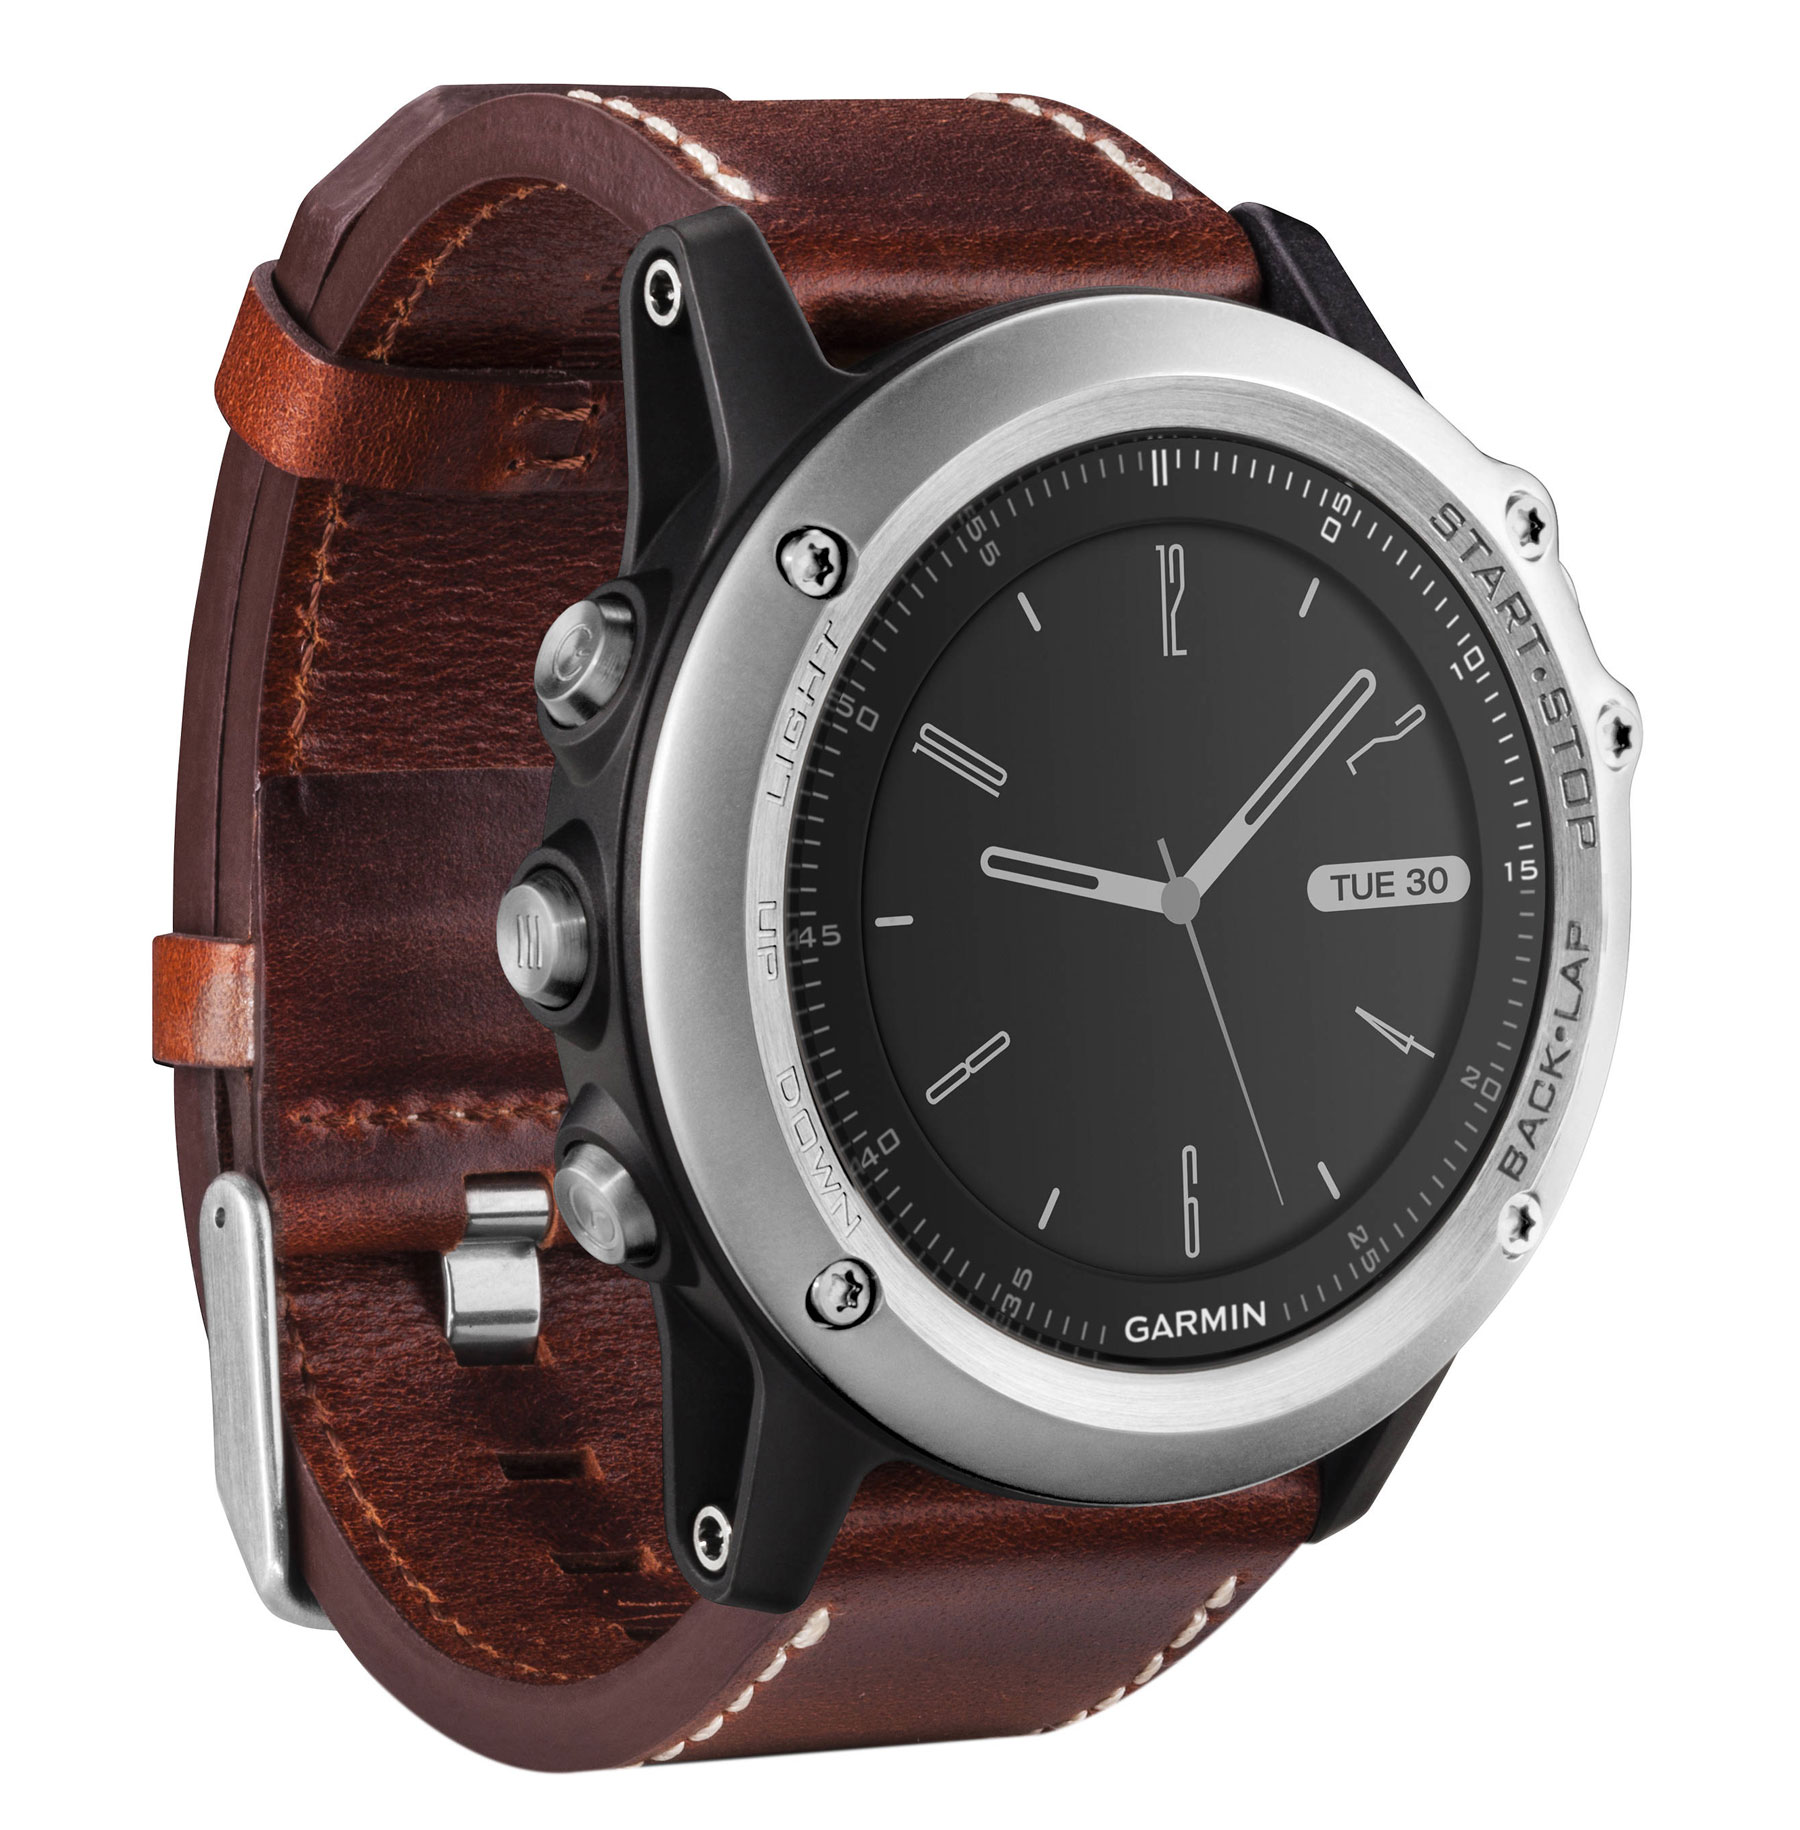 Garmin Fenix 3 Silver Leather 010-01338-62